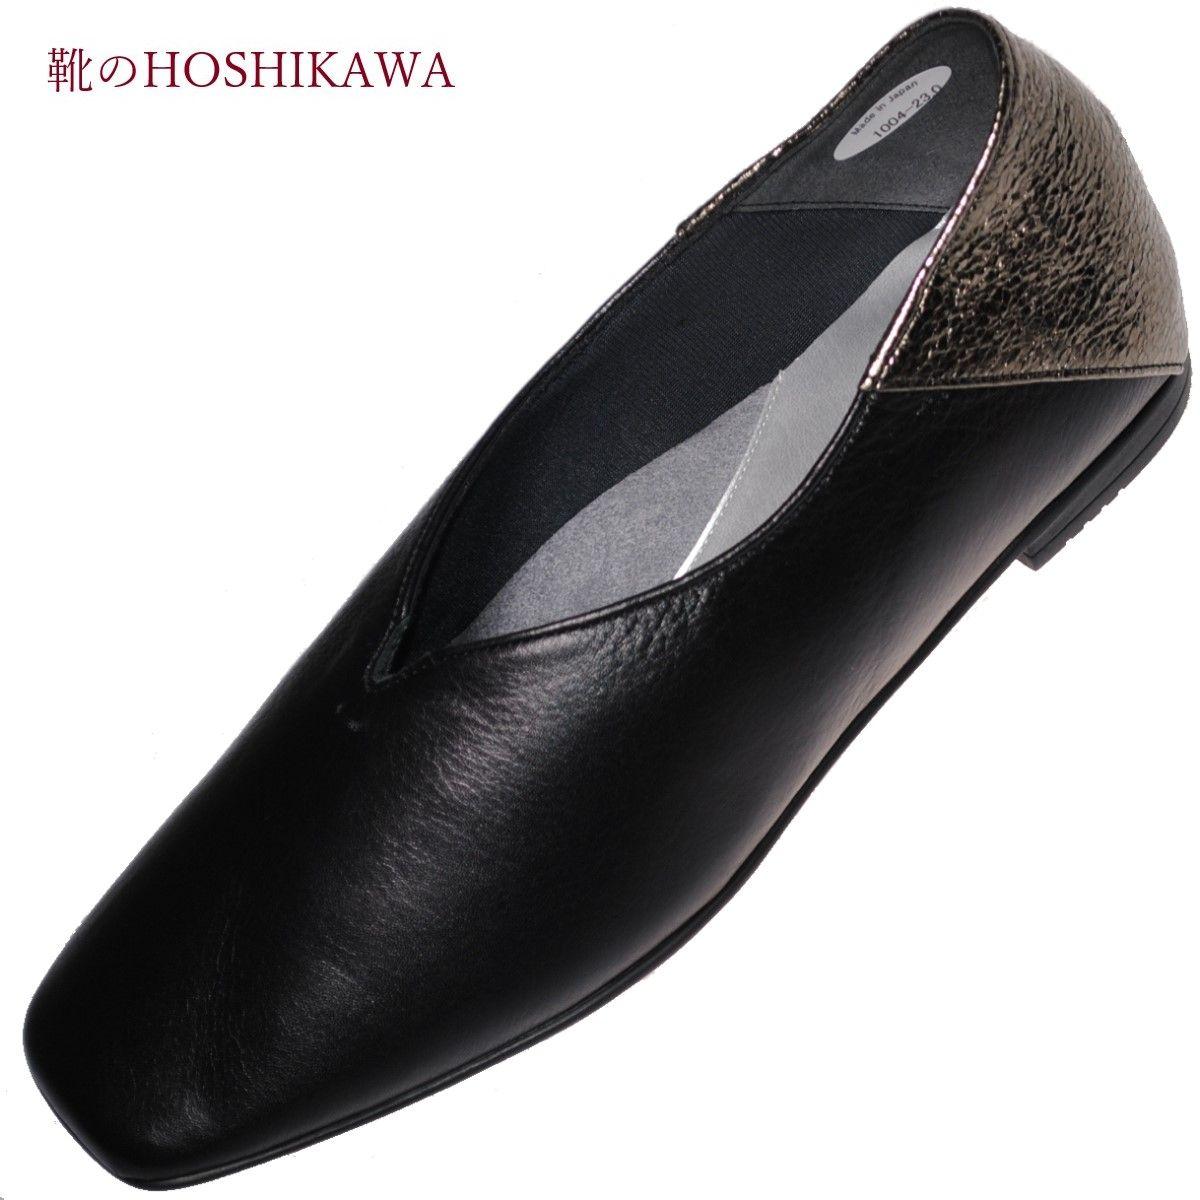 【靴のHOSHIKAWA】  『Dona Miss 1004』 22cm~24.5cm EEE ドナミス カッター レディース ブラック ローヒール スリッポン 国産 天然皮革